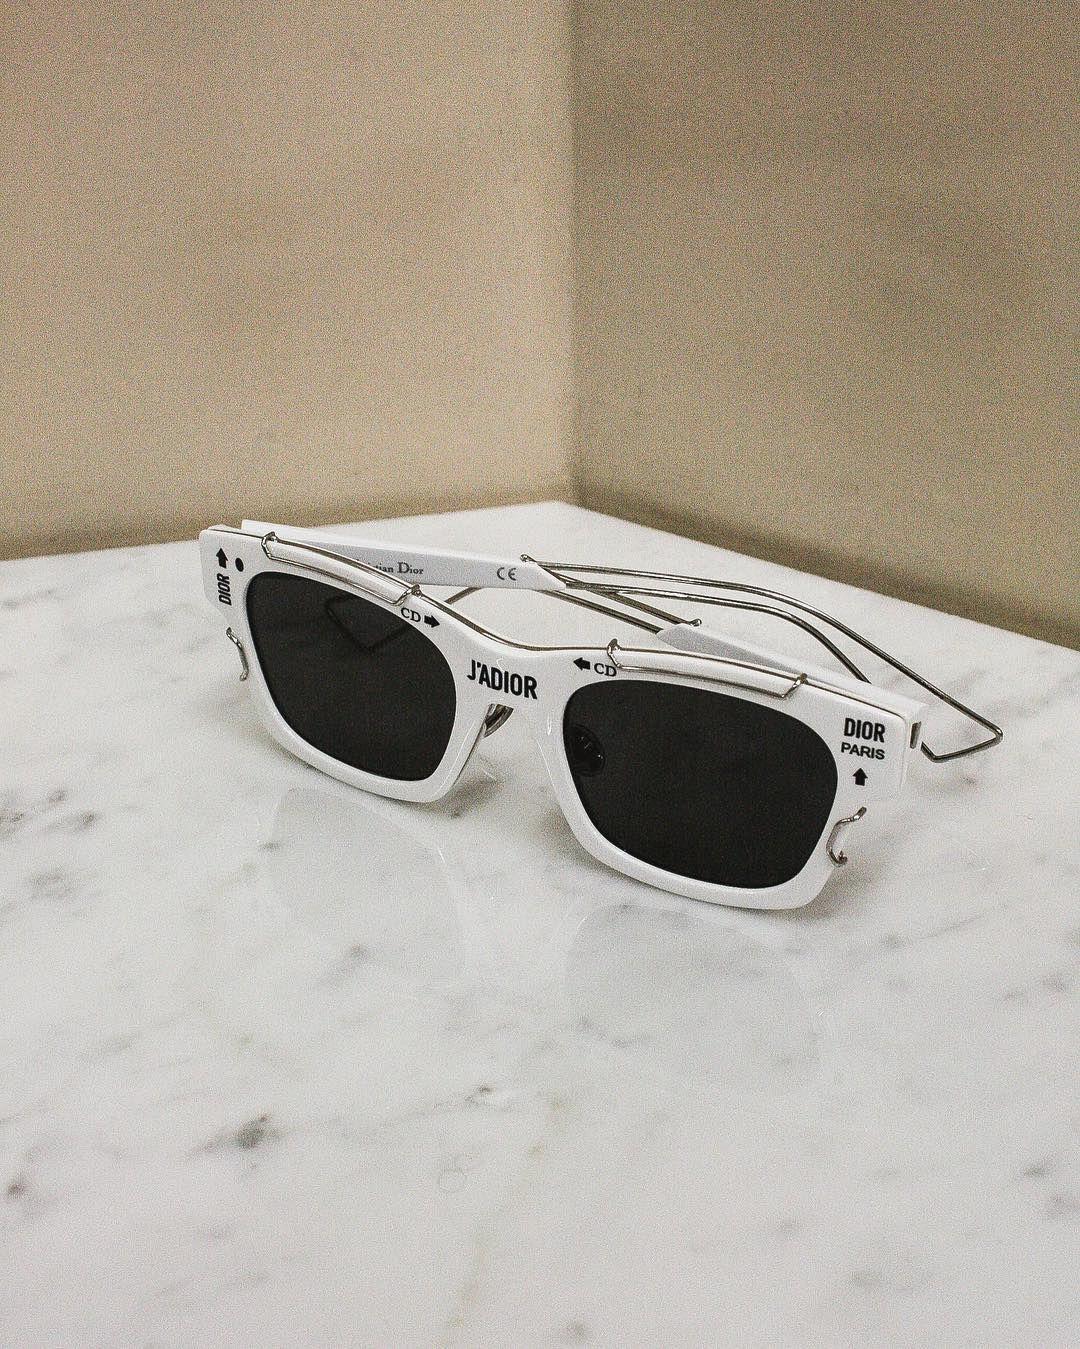 a741a2d057bd J adior Sunglasses